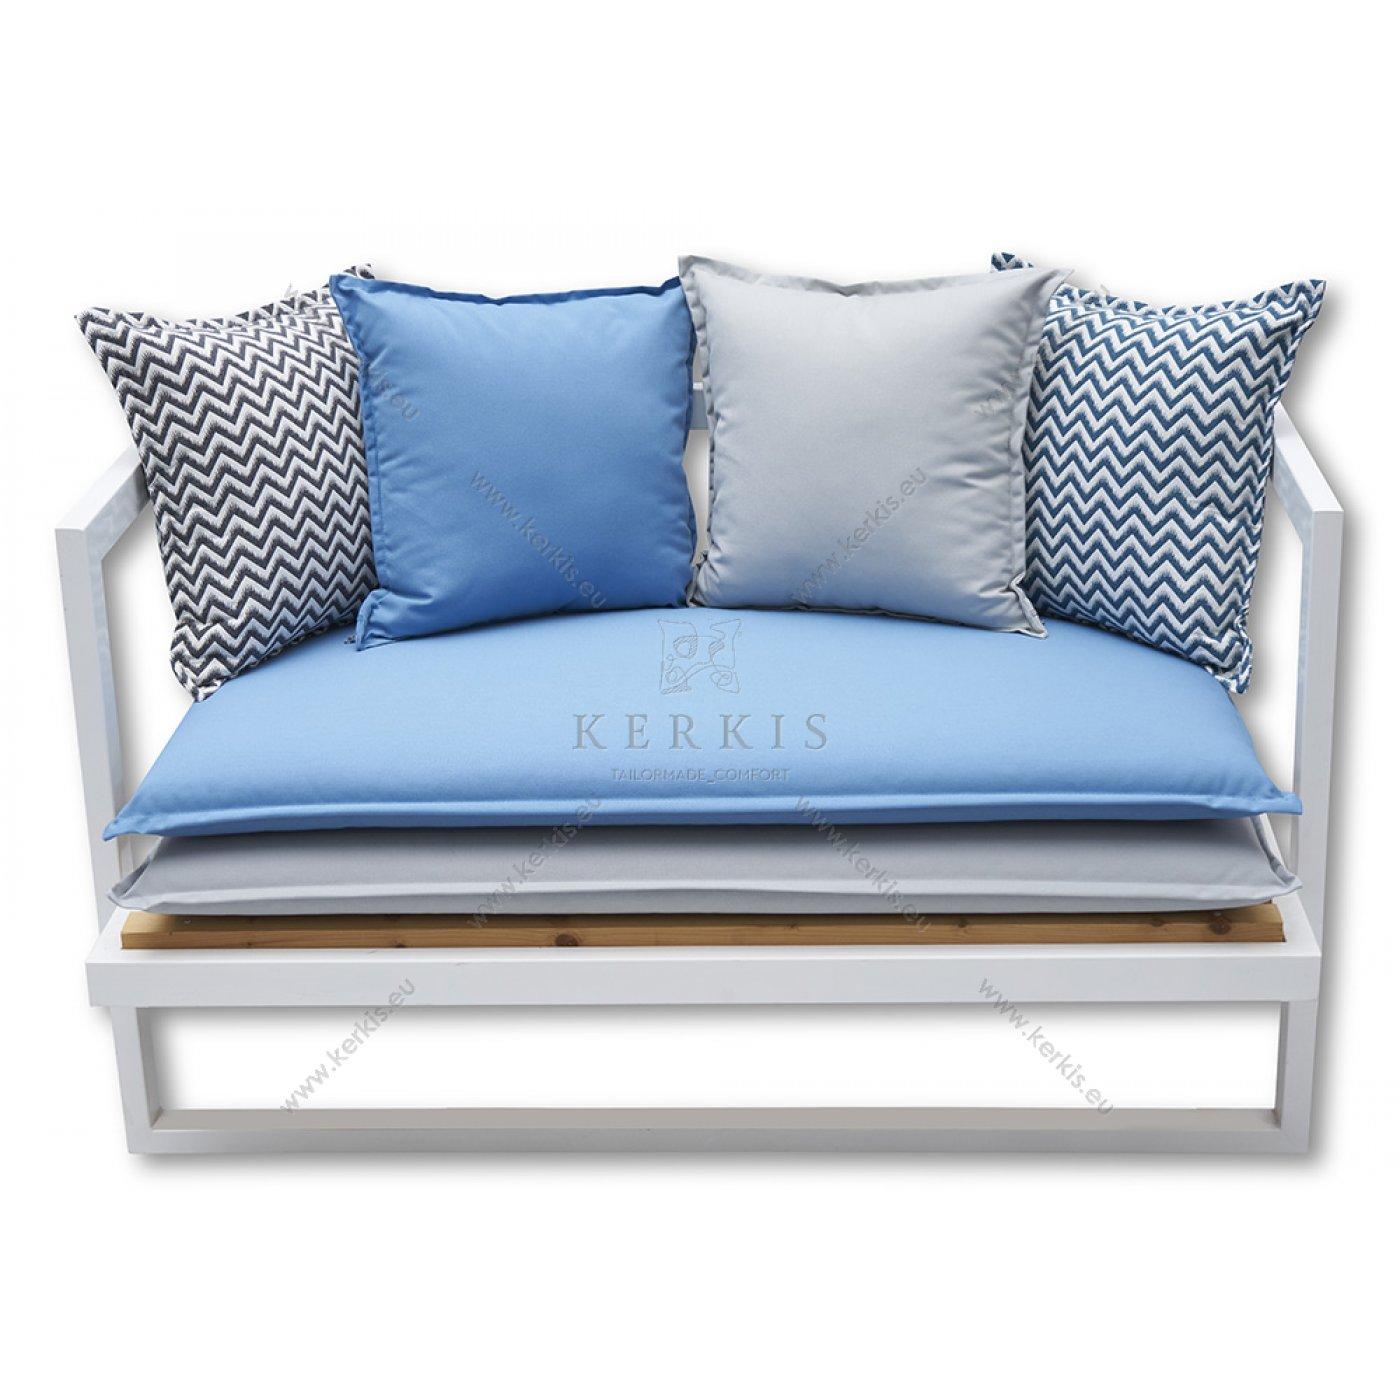 Μαξιλάρια καναπέ-πάγκου layer. Δύο μαξιλάρια βάσης σε συνδυασμό χρωμάτων